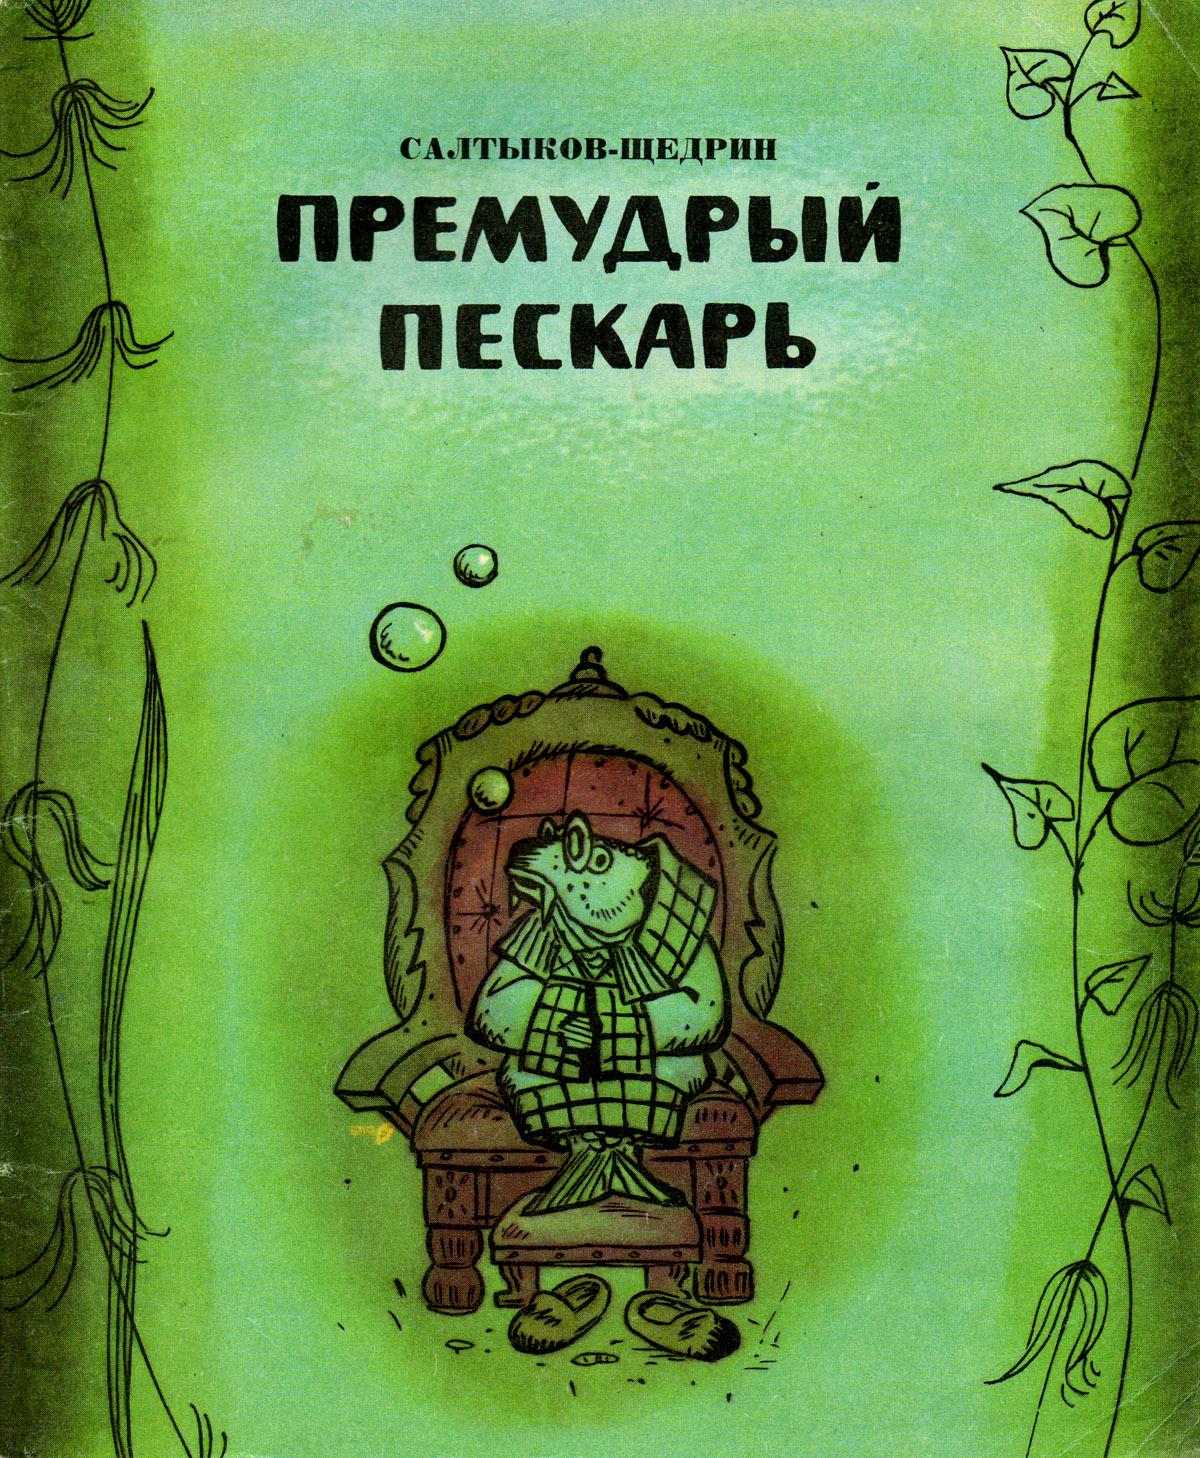 """Салтыков-Щедрин. """"Премудрый пескарь"""".: bookvart — LiveJournal"""